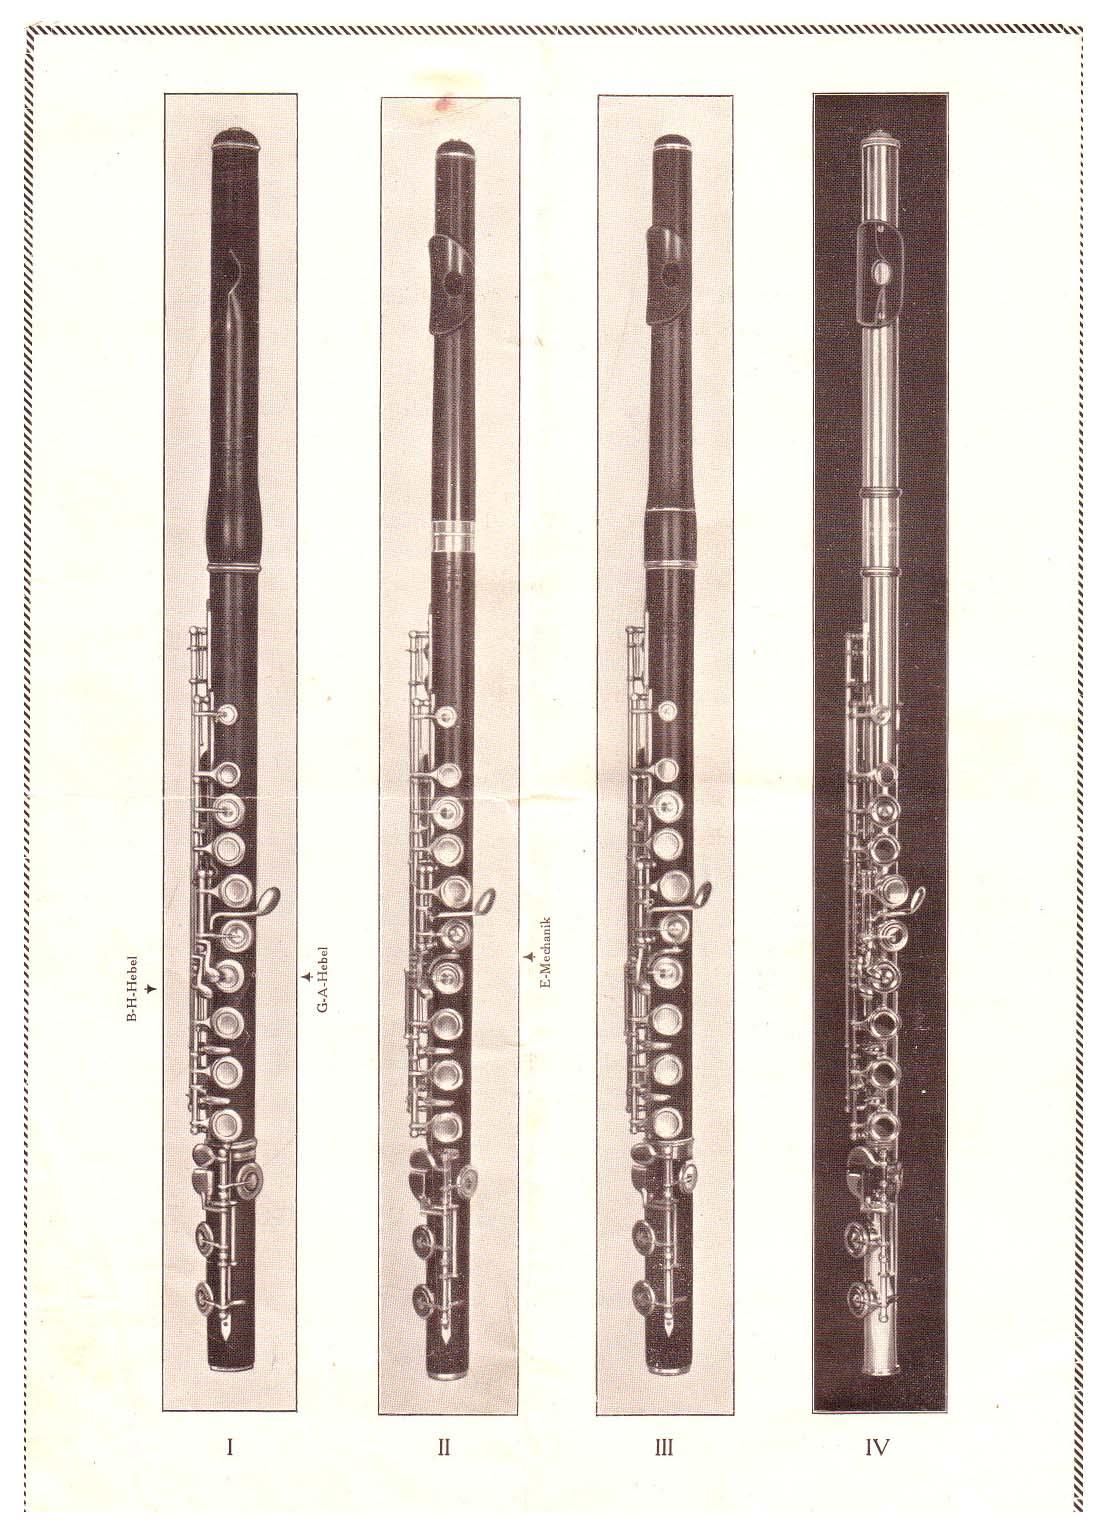 Schreiber Carl Prospekt Abbildung Holzfloeten